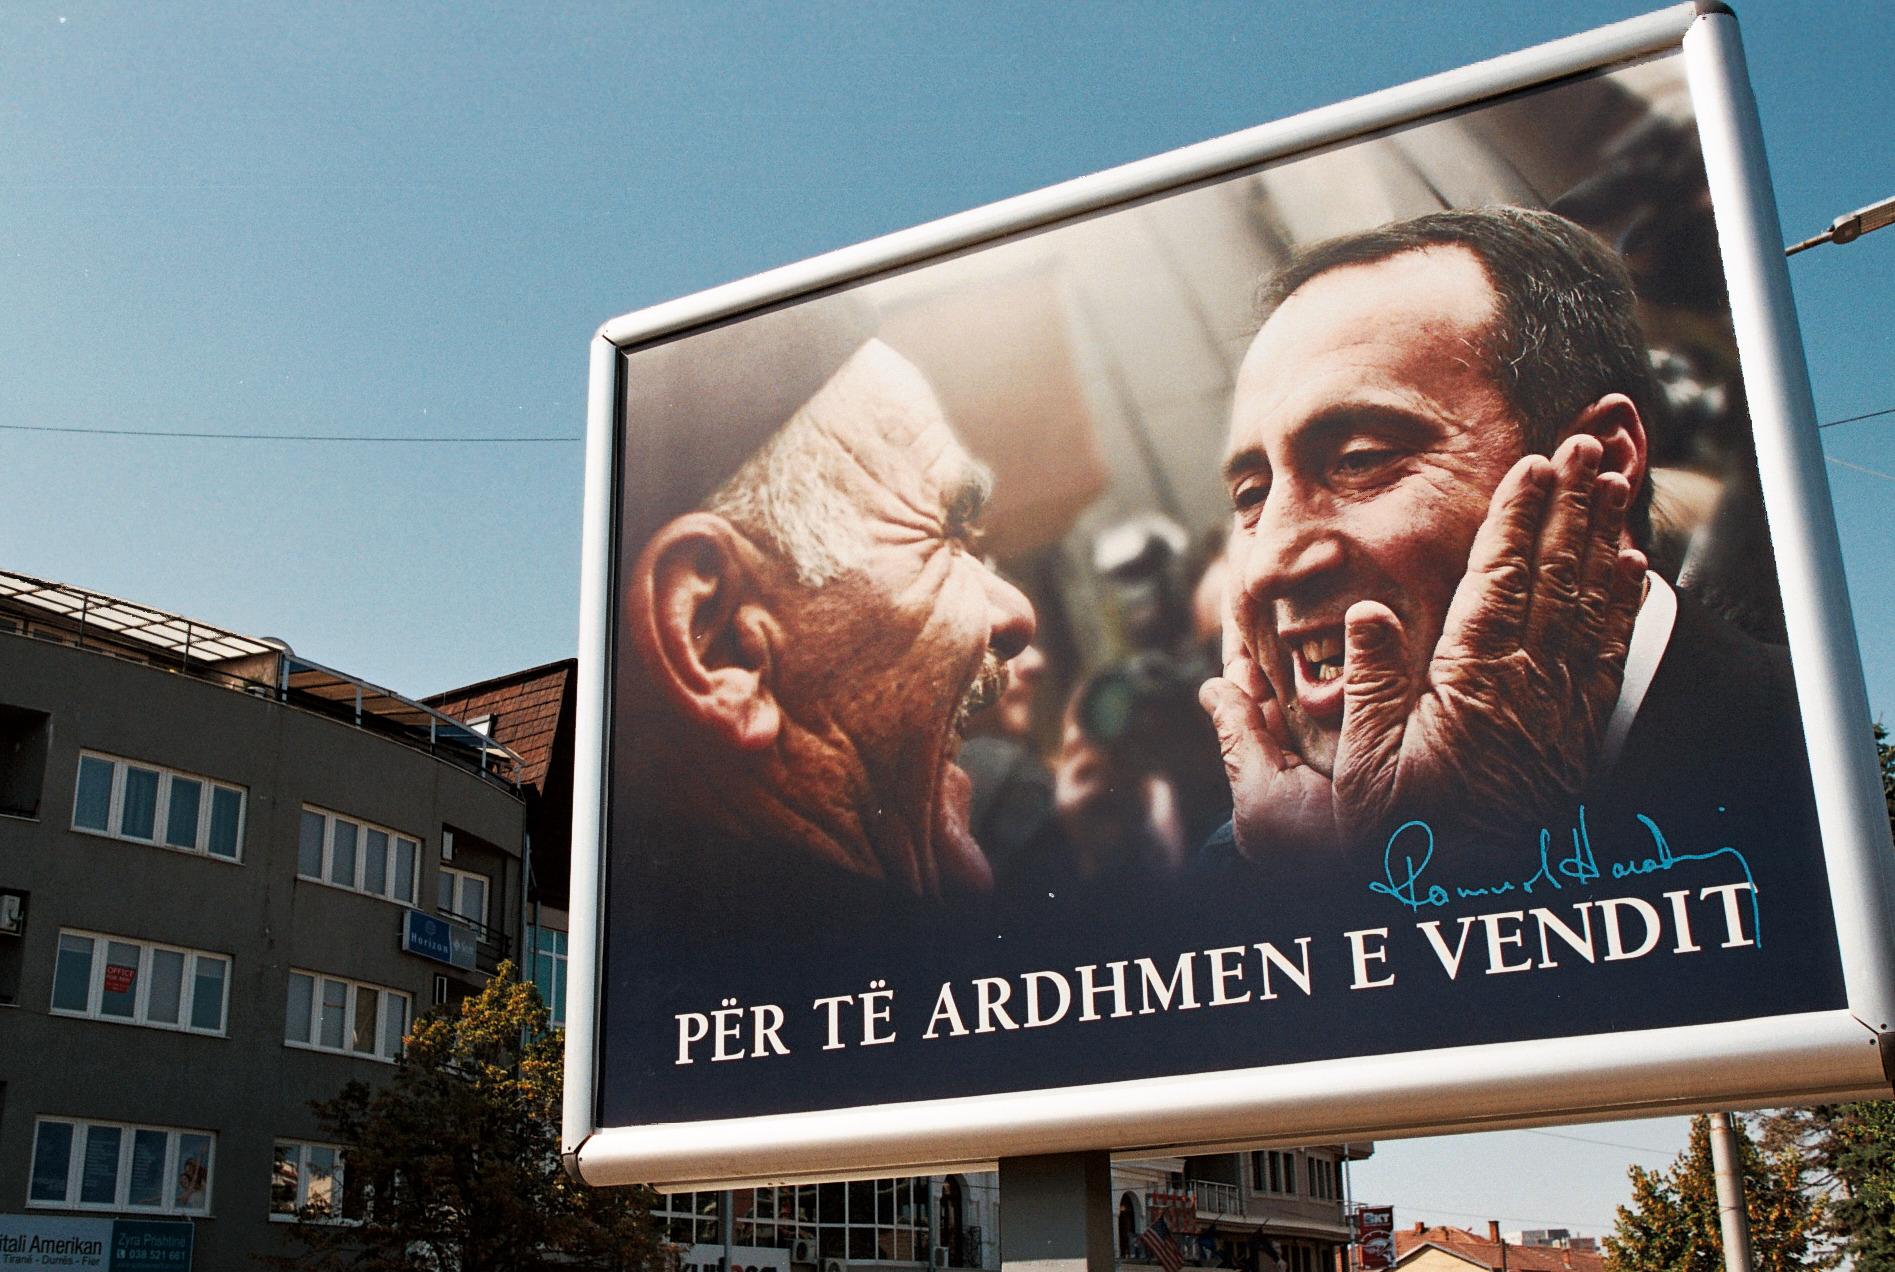 Cartellone inneggiante a Ramush Haradinaj